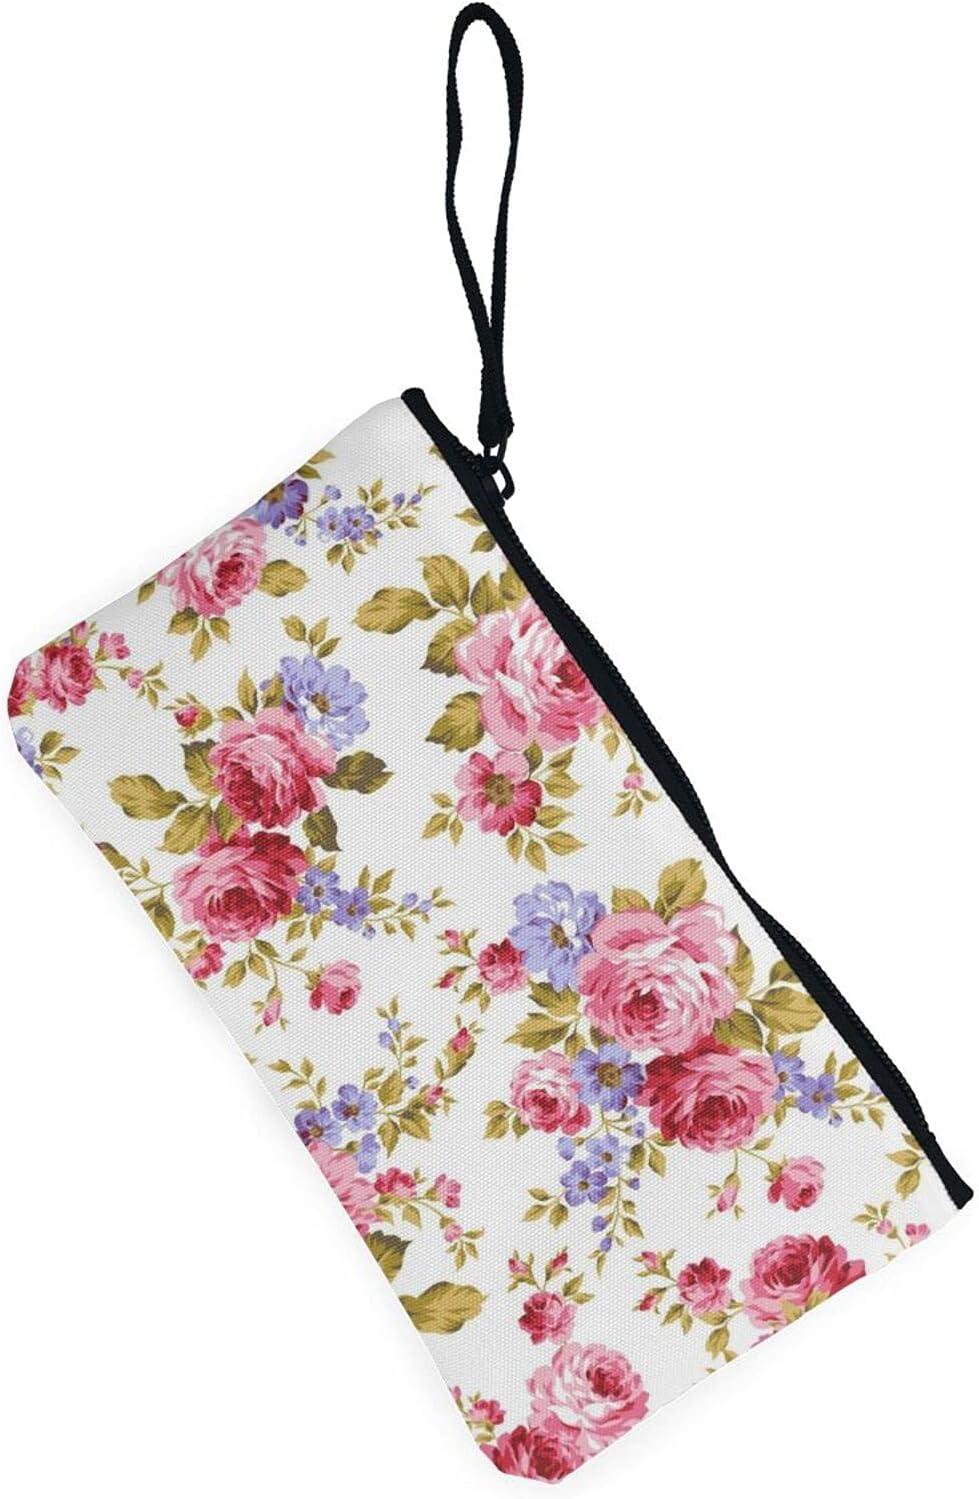 AORRUAM Flower texture Canvas Coin Purse,Canvas Zipper Pencil Cases,Canvas Change Purse Pouch Mini Wallet Coin Bag